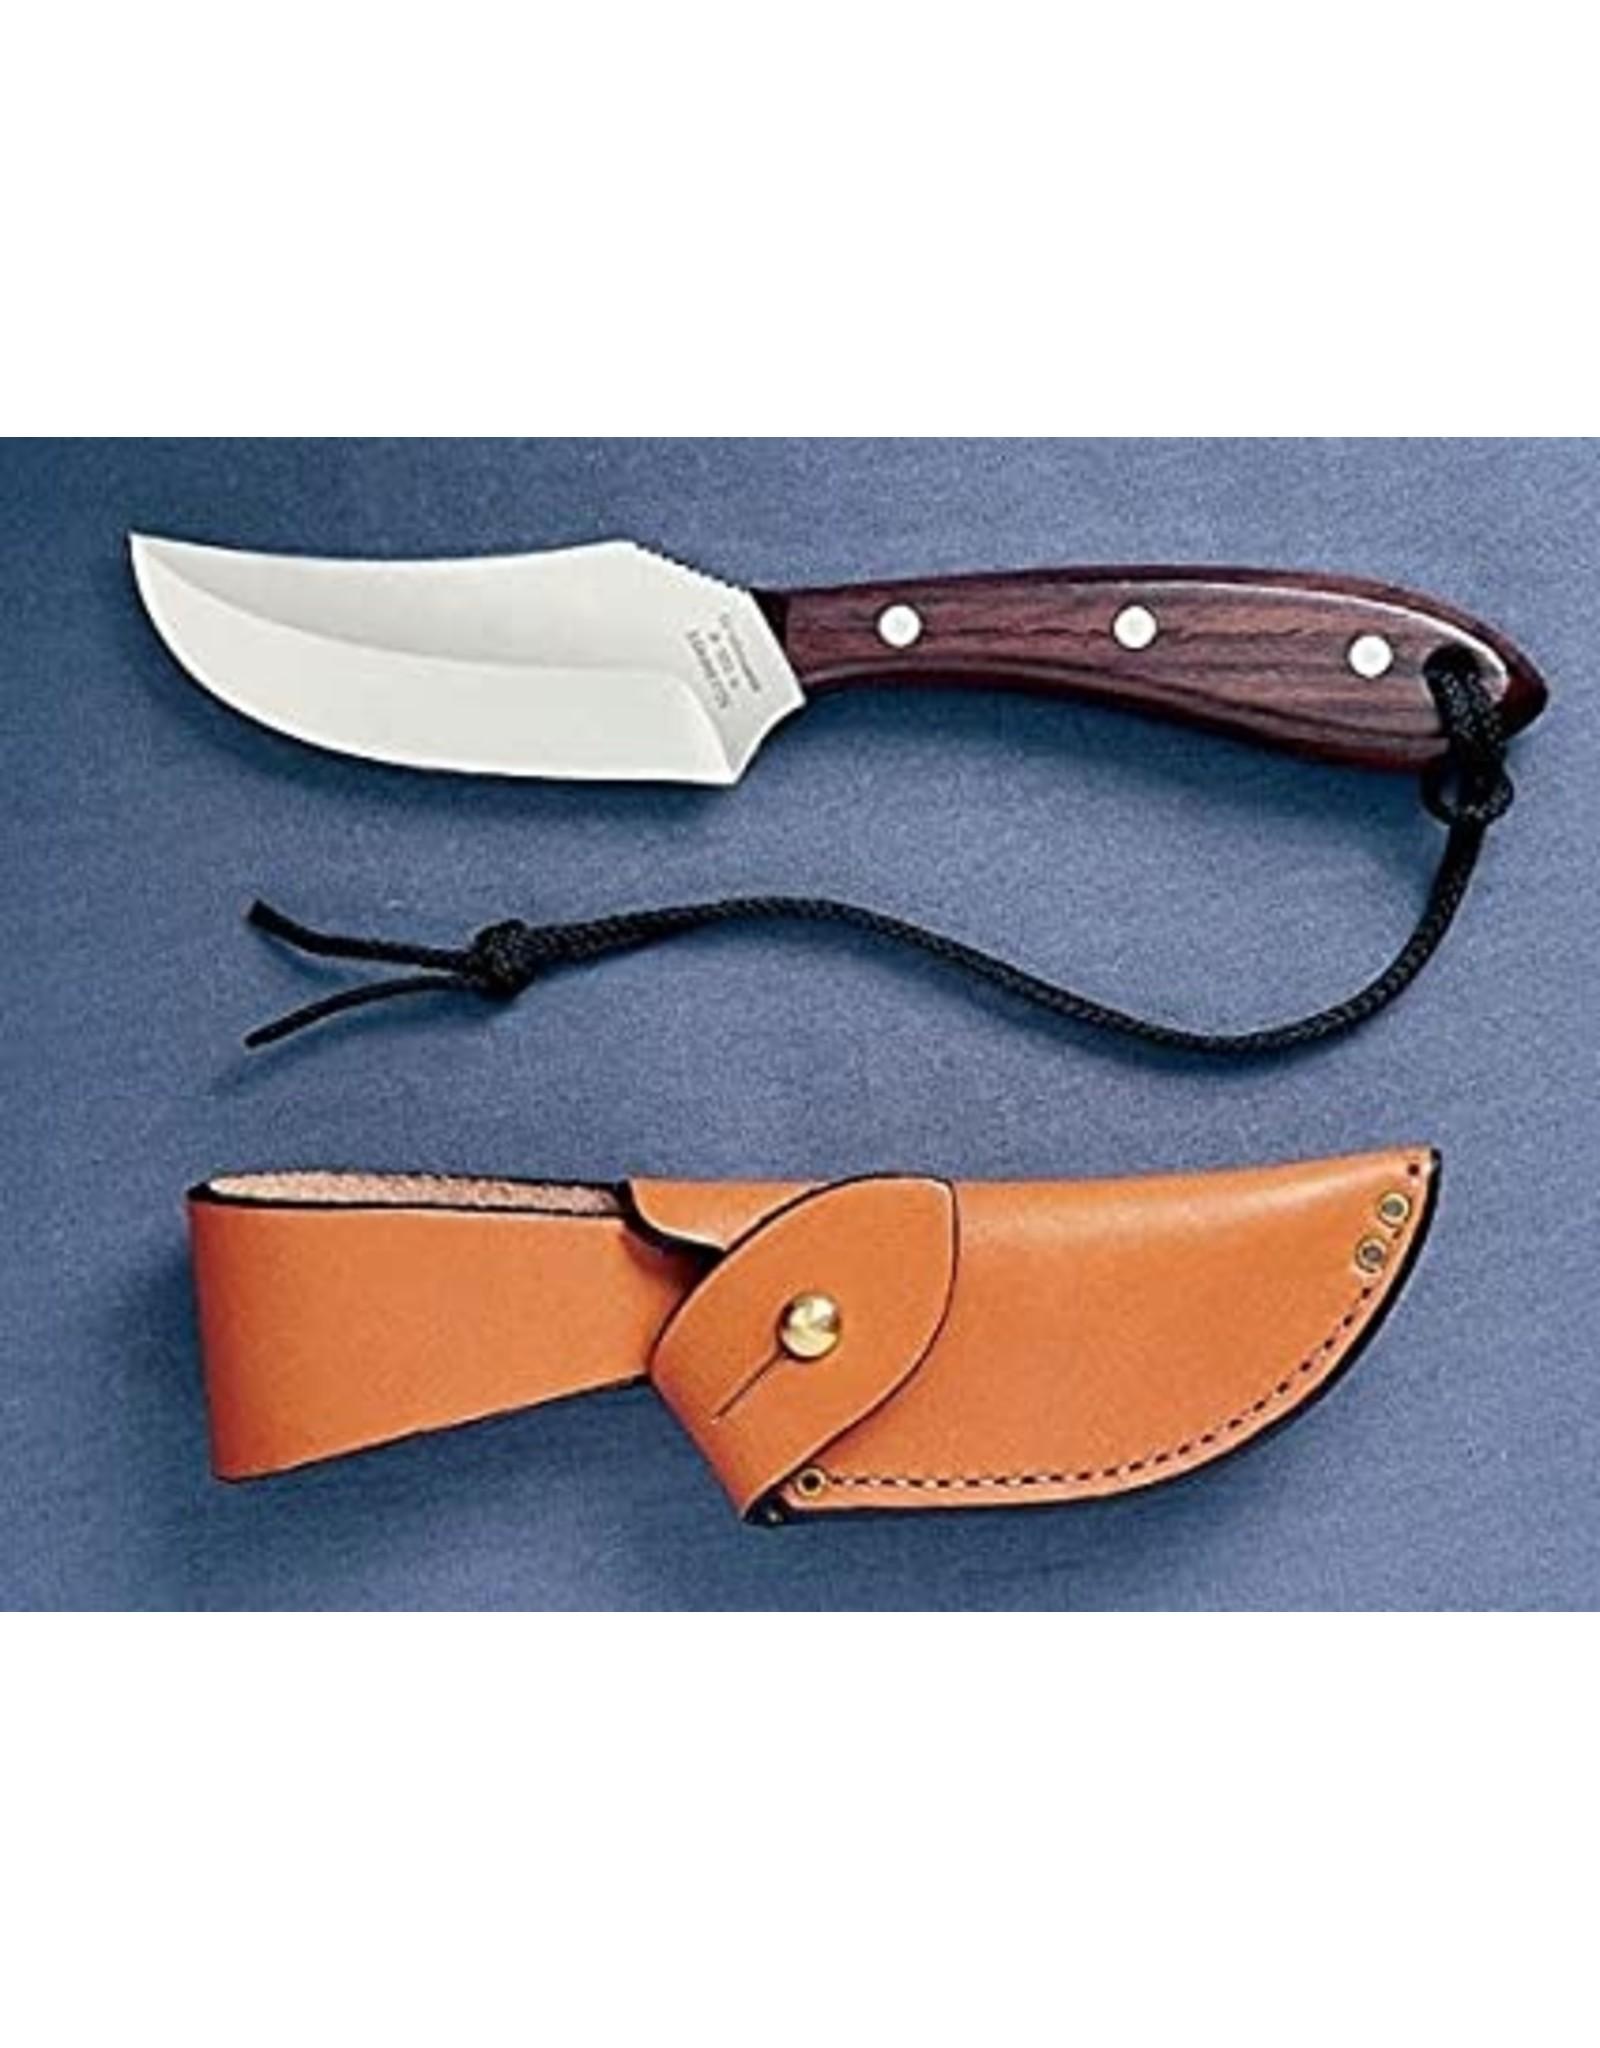 GROHMANN KNIVES SHORT BLADE SKINNER